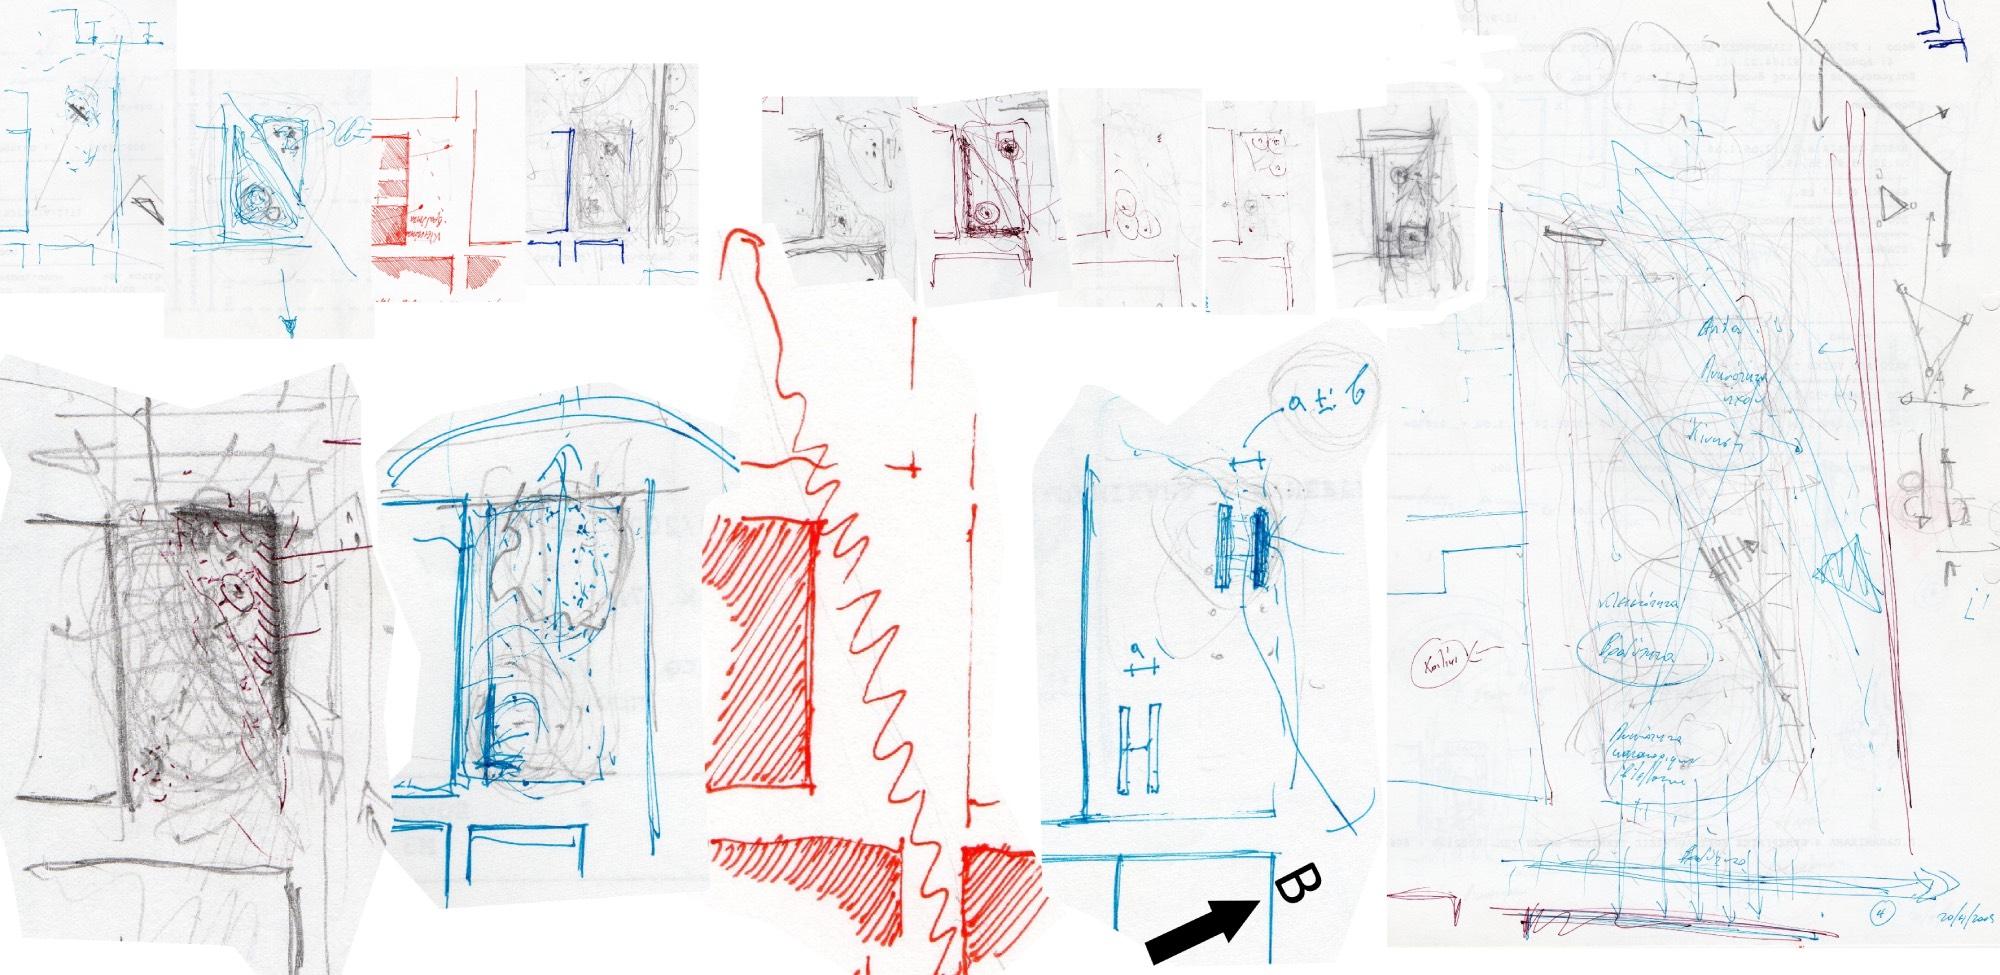 Η αρχιτεκτονική ως πεδίο συνύπαρξης